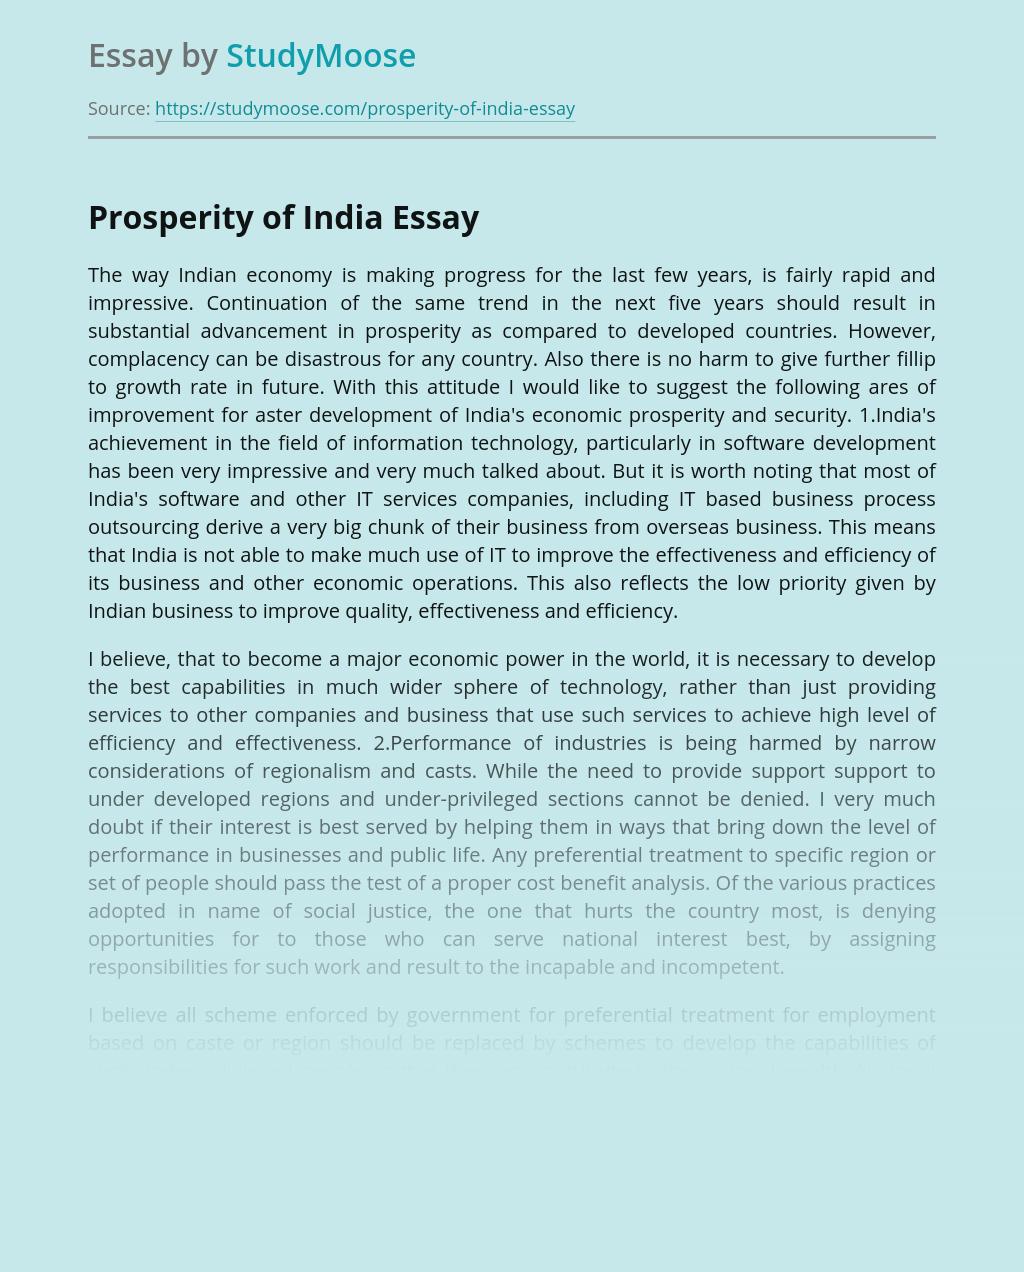 Prosperity of India